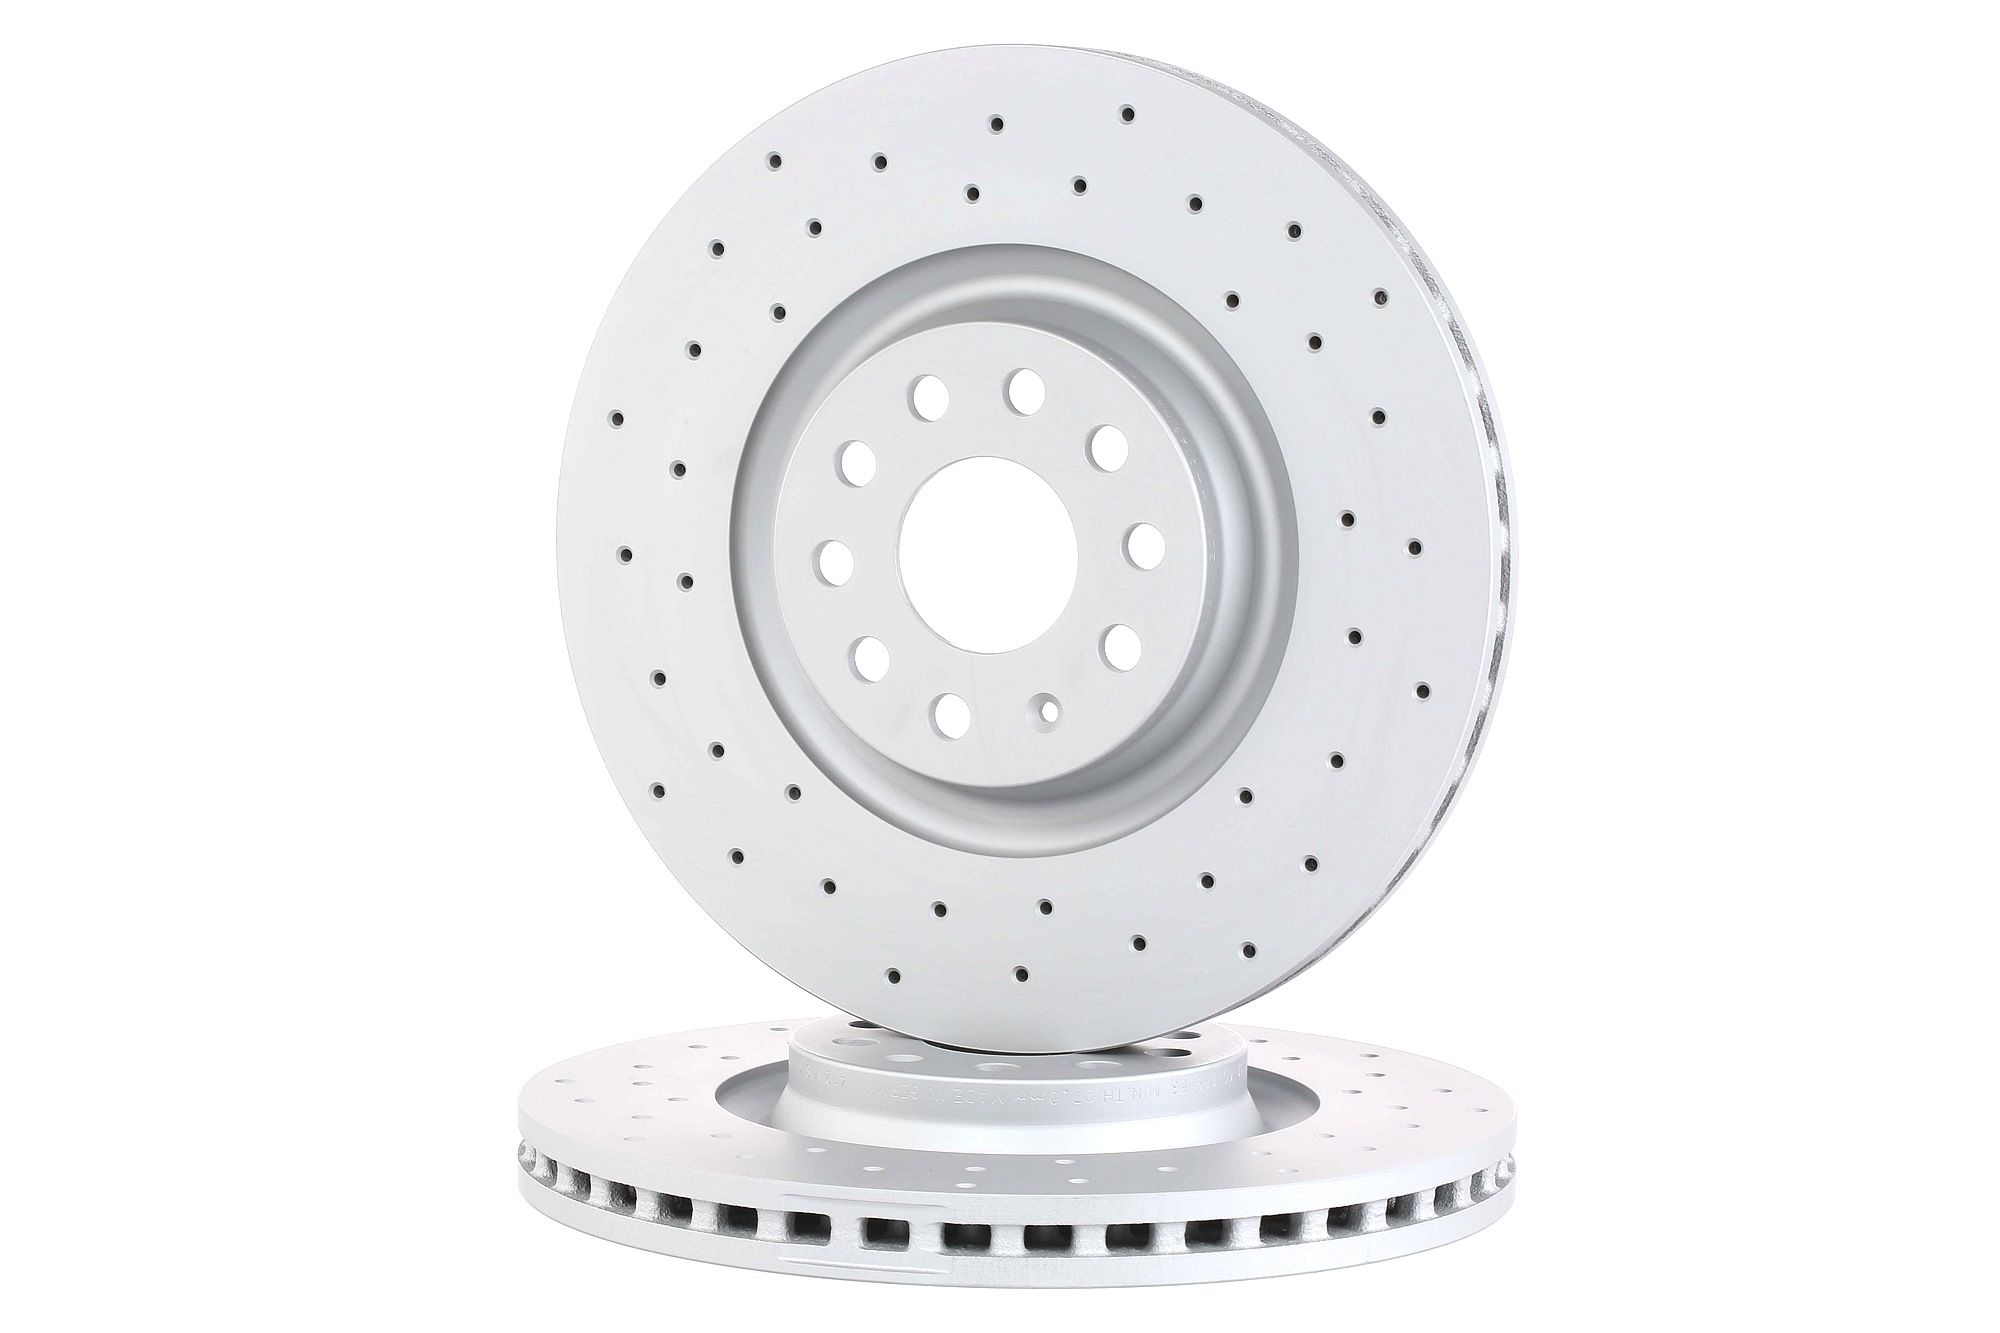 Achetez Disques de frein ZIMMERMANN 600.3243.52 (Ø: 340mm, Jante: 5Trou, Épaisseur du disque de frein: 30mm) à un rapport qualité-prix exceptionnel